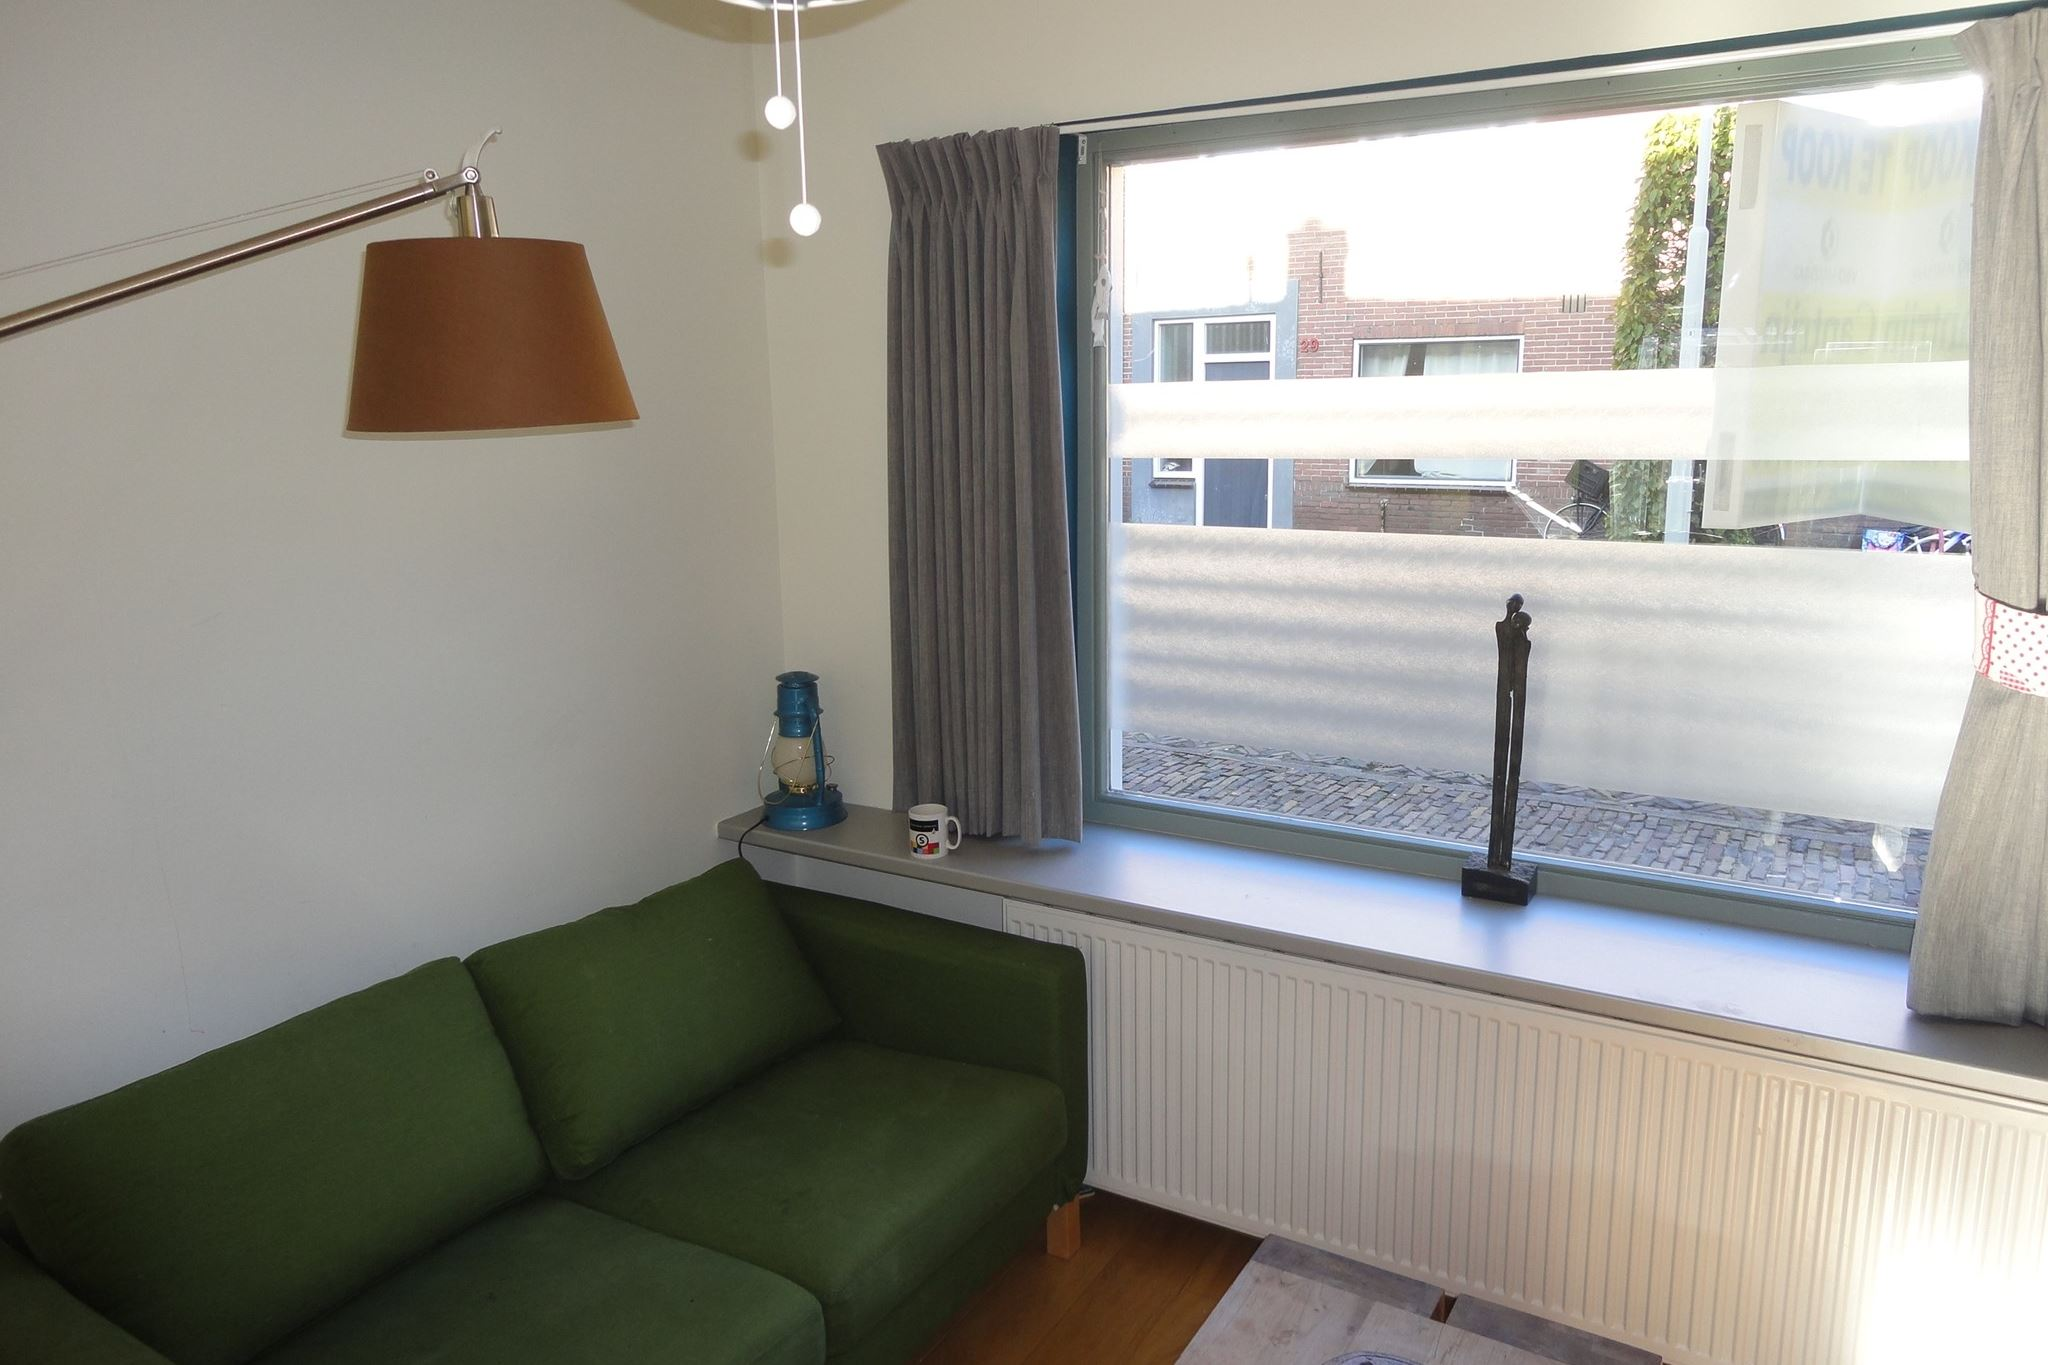 Verkocht zonnebloemstraat 30 4818 hk breda funda - Entree eigentijds huis ...